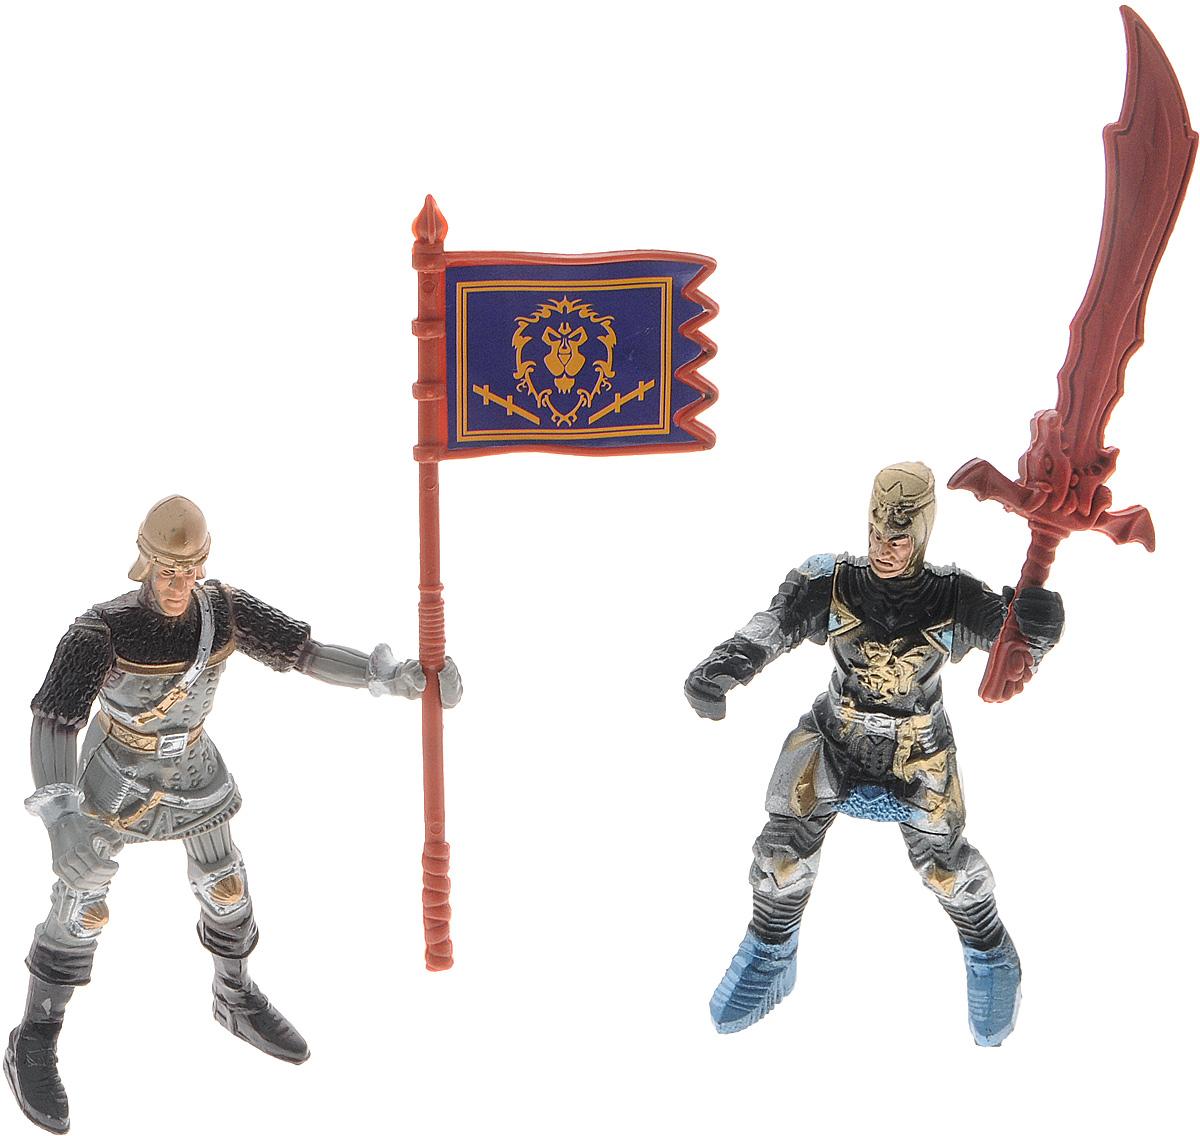 Shantou Игровой набор KnightsA054-H39484Игровой набор Shantou Knights включает в себя двух средневековых воинов и аксессуары к ним. Солдатики снабжены разнообразными видами оружия: есть и большой двуручный меч, и легкая пика. Боевое знамя, обязательный атрибут любого войска, будет развеваться на полях сражений и поддерживать боевой дух товарищей. Комплект солдатиков станет отличным подспорьем в игрушечных баталиях мальчика.